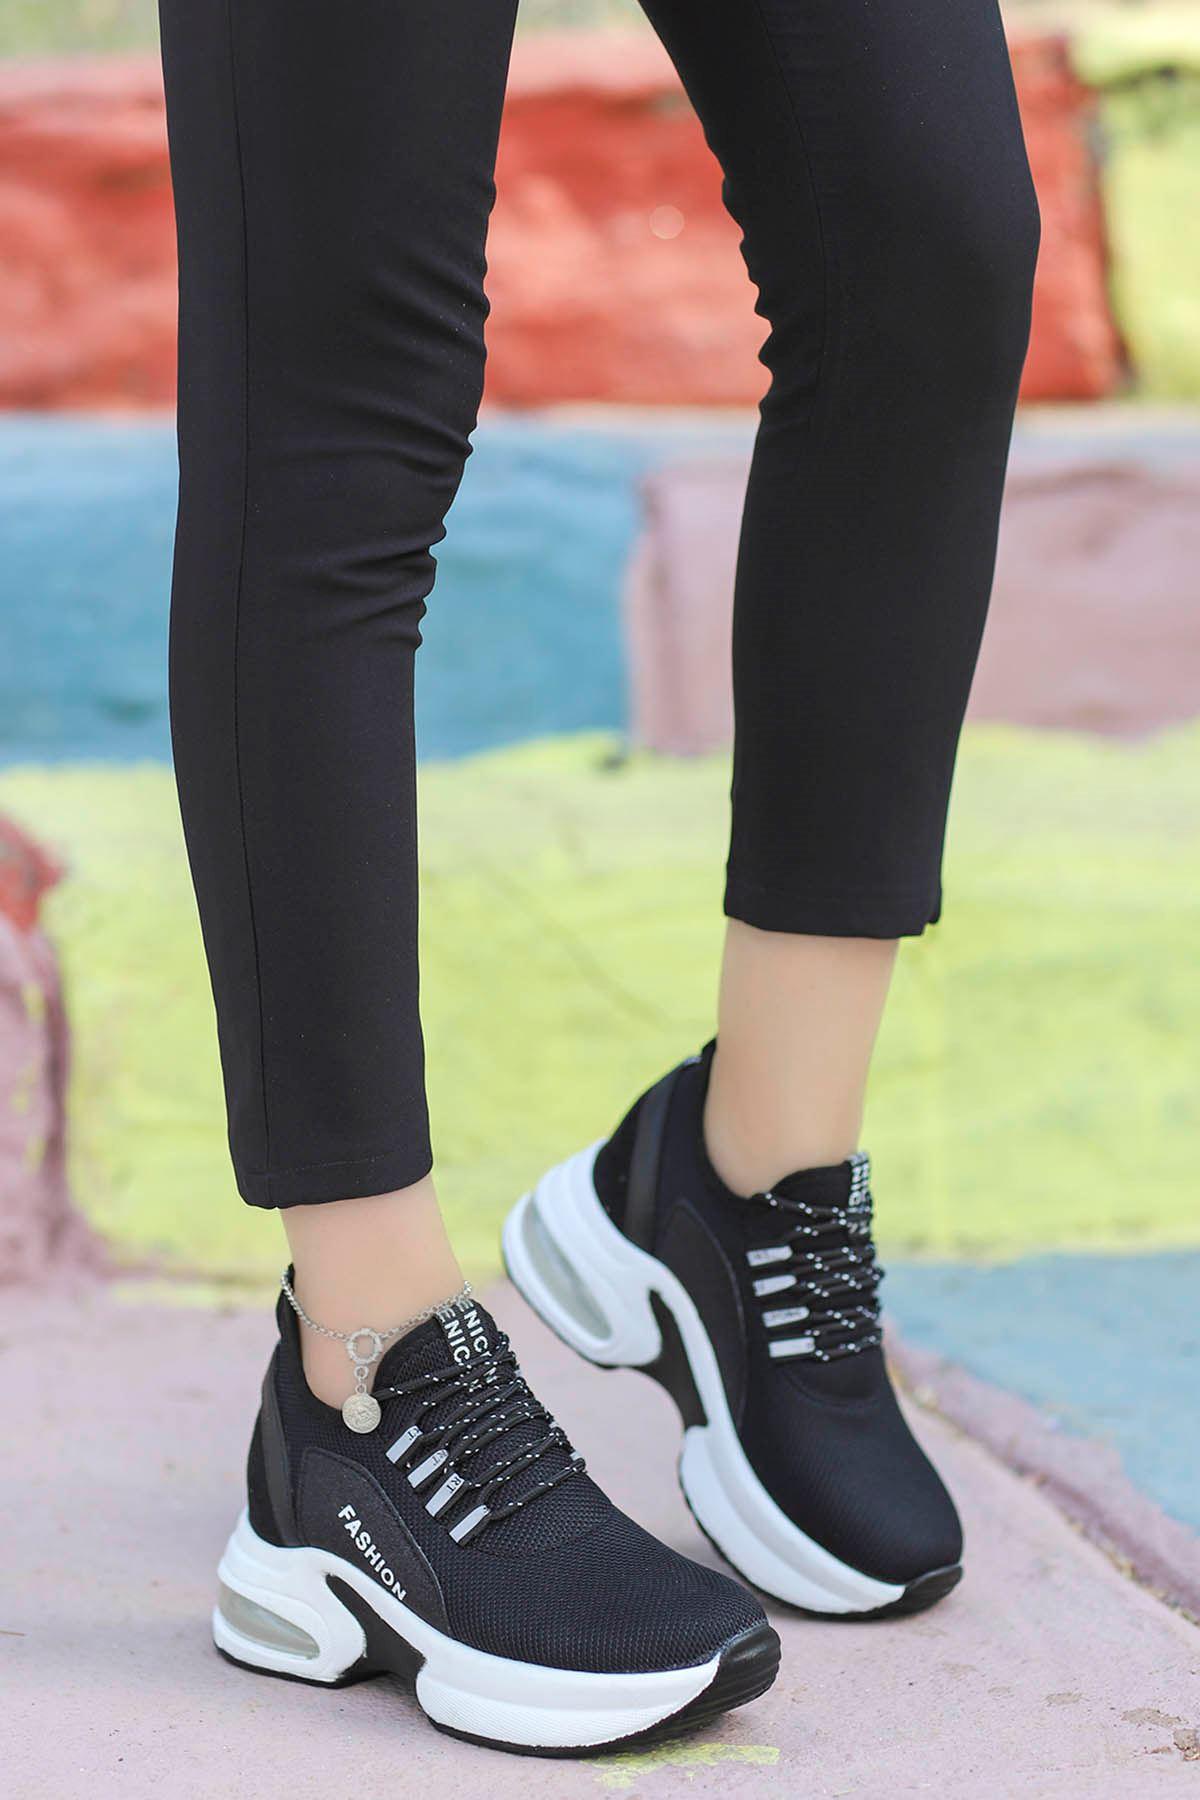 Frm-072 Air Taban Spor Ayakkabı Siyah